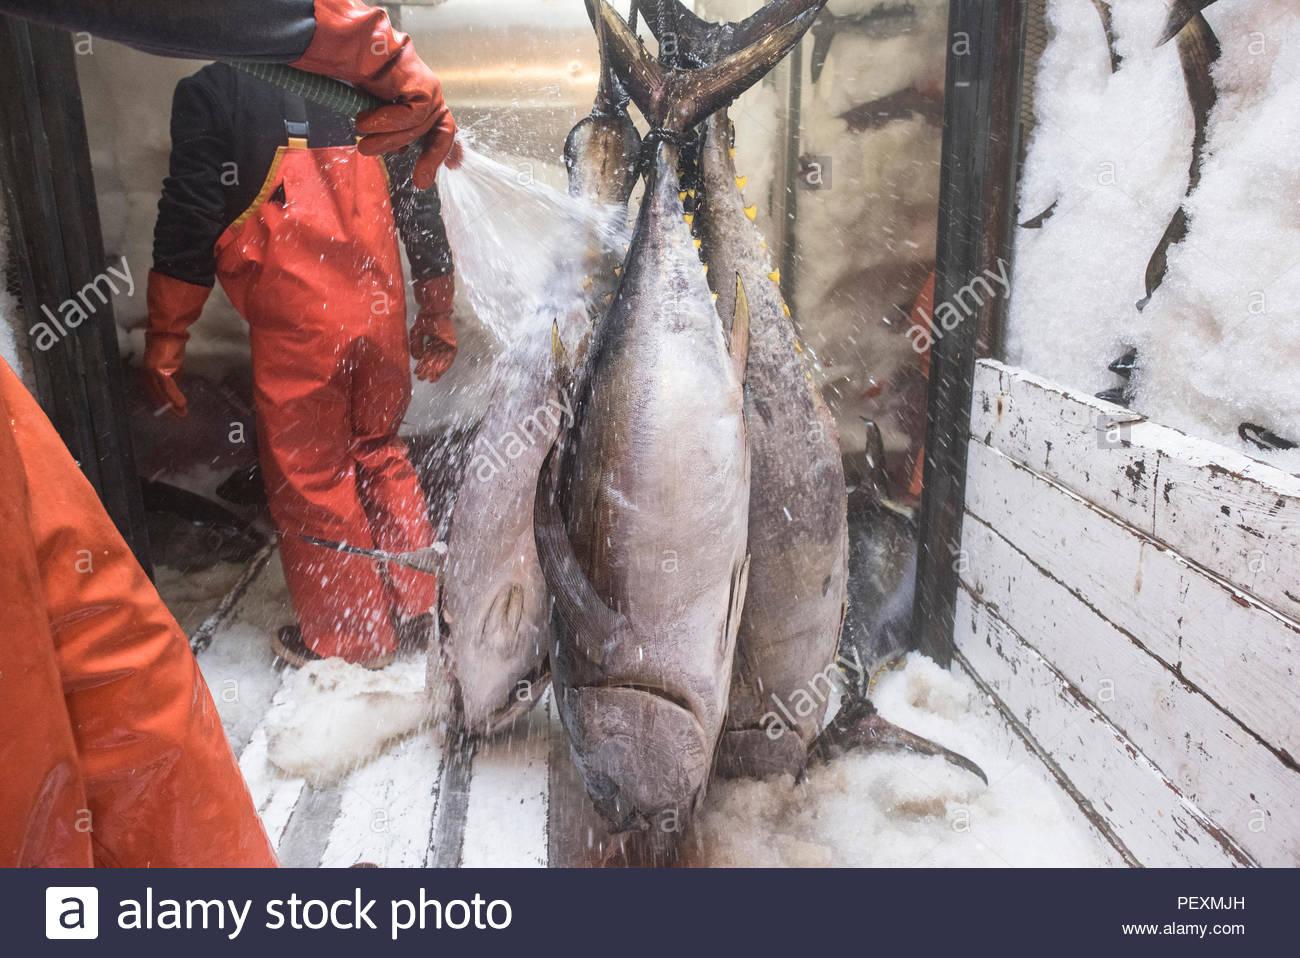 Limpieza de los pescadores pescar en barco de pesca de la perca plateada, San Diego, California, EE.UU. Imagen De Stock